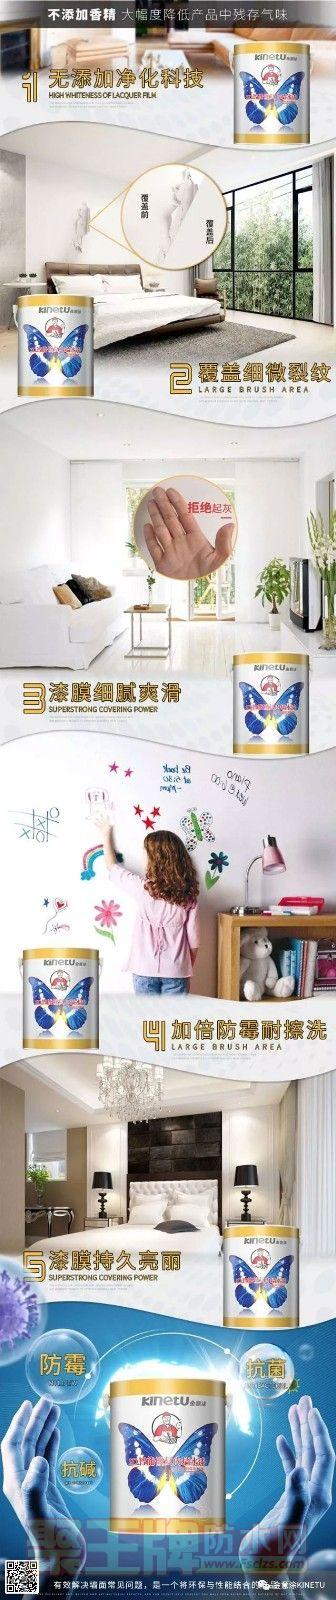 金意涂3D智能修复内墙水漆